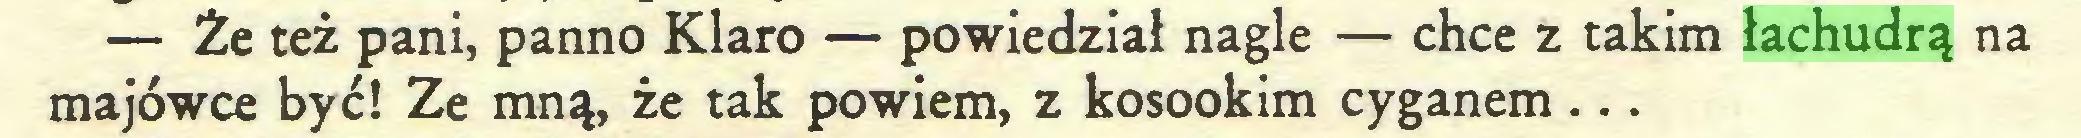 (...) — Że też pani, panno Klaro — powiedział nagle — chce z takim łachudrą na majówce być! Ze mną, że tak powiem, z kosookim cyganem...